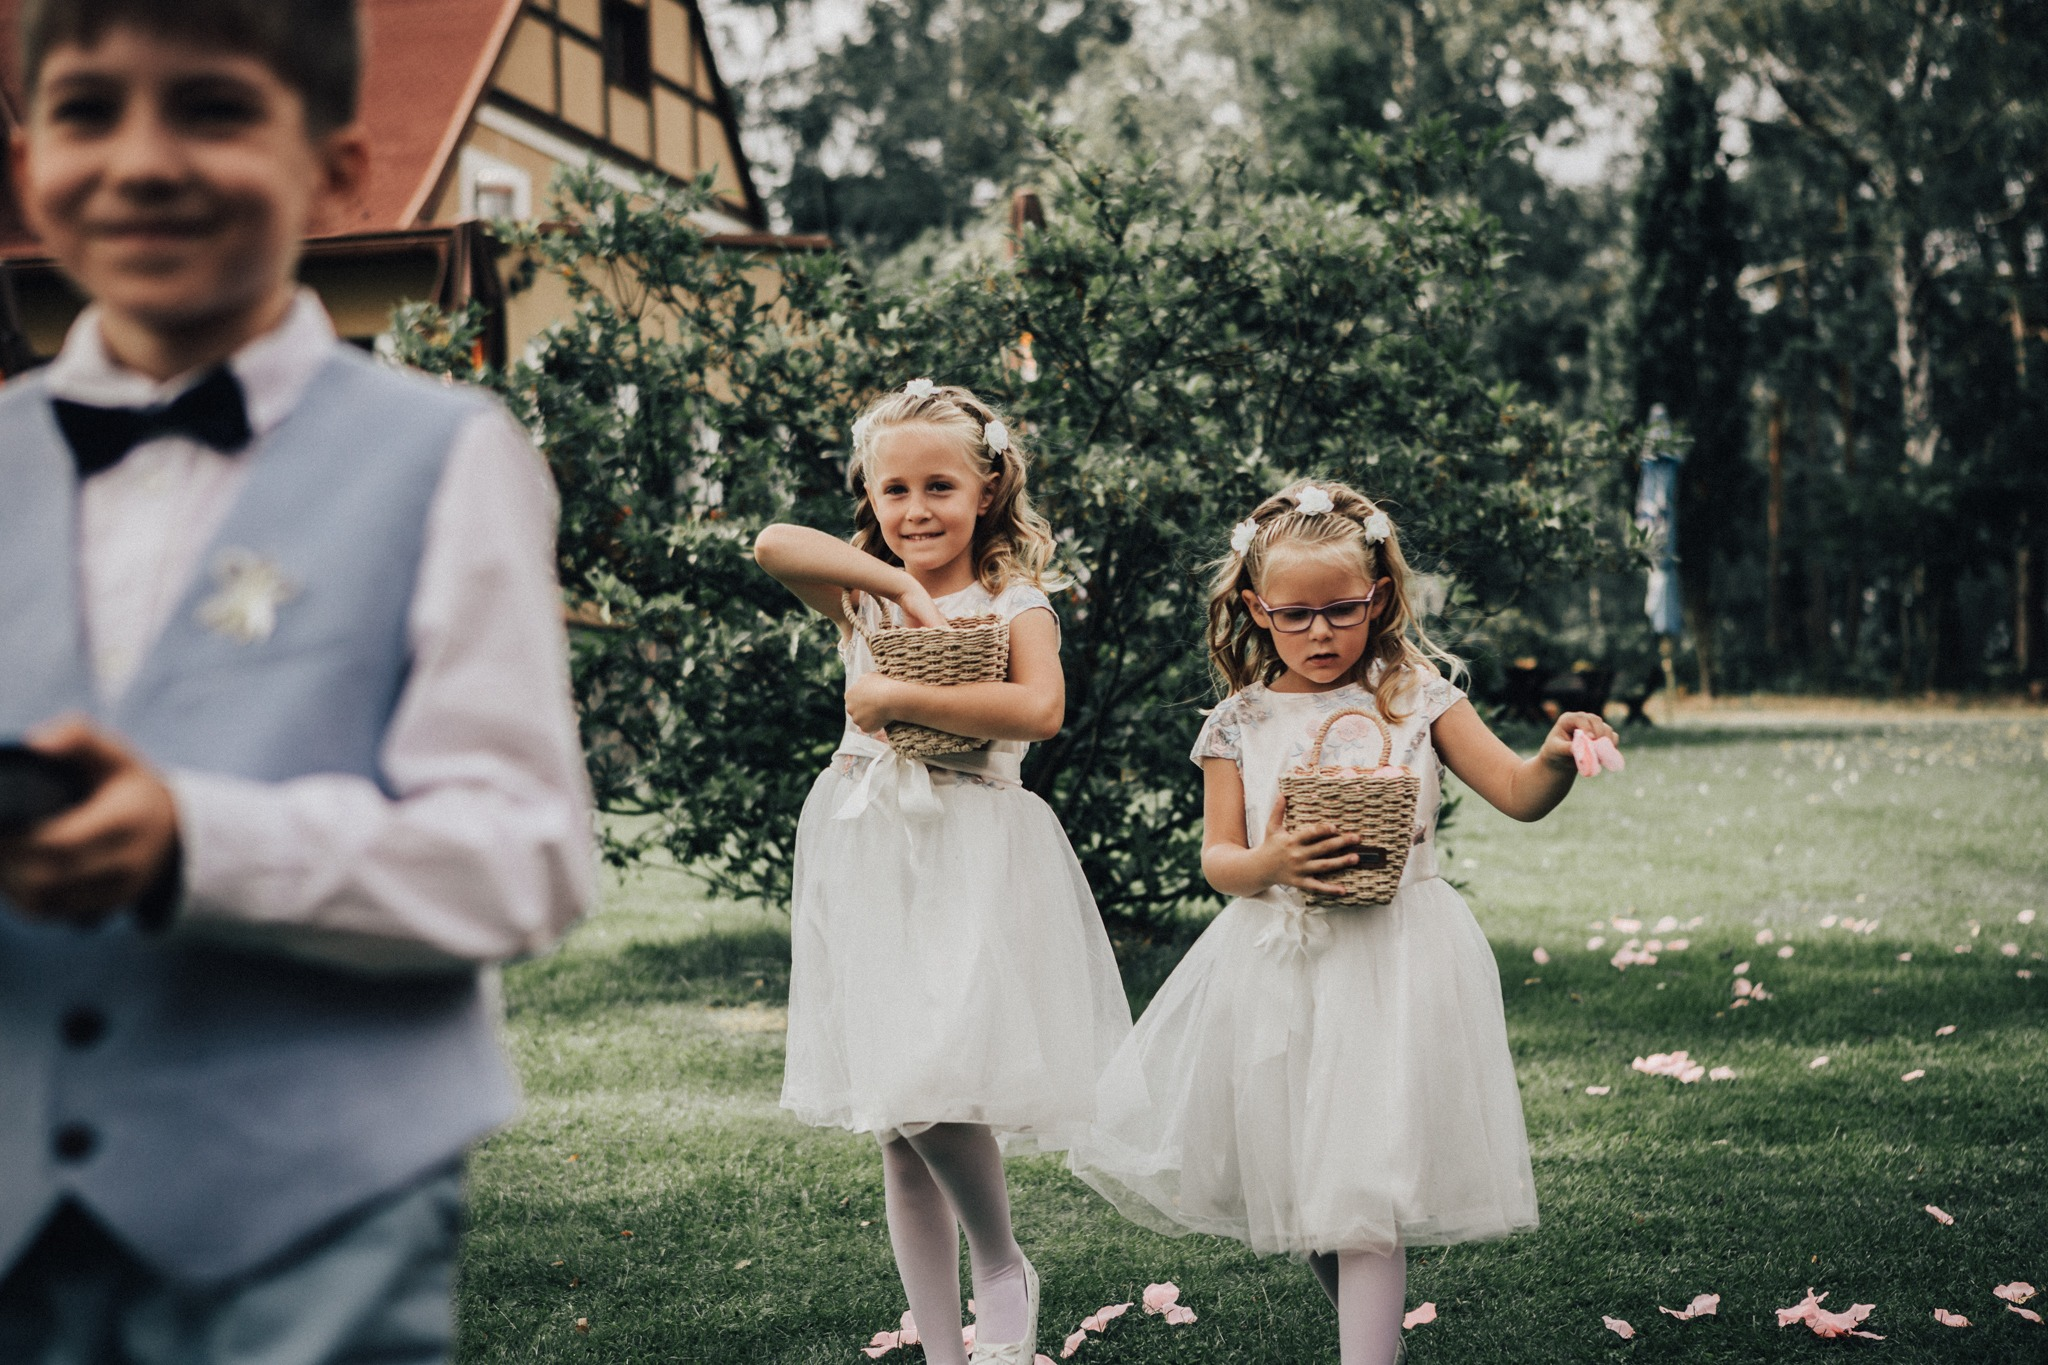 družičky špalír svatba